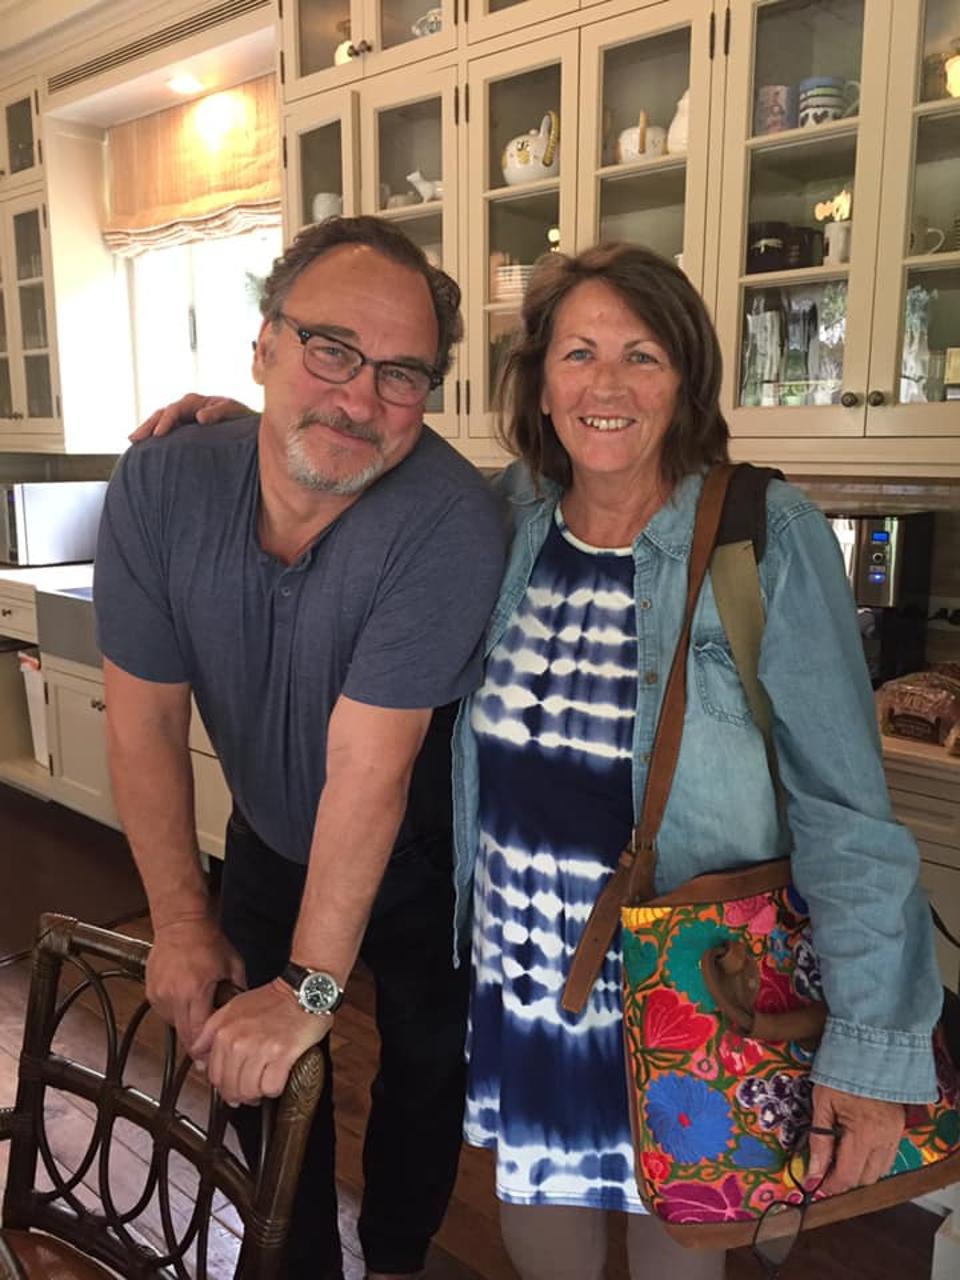 Sharon and Jim